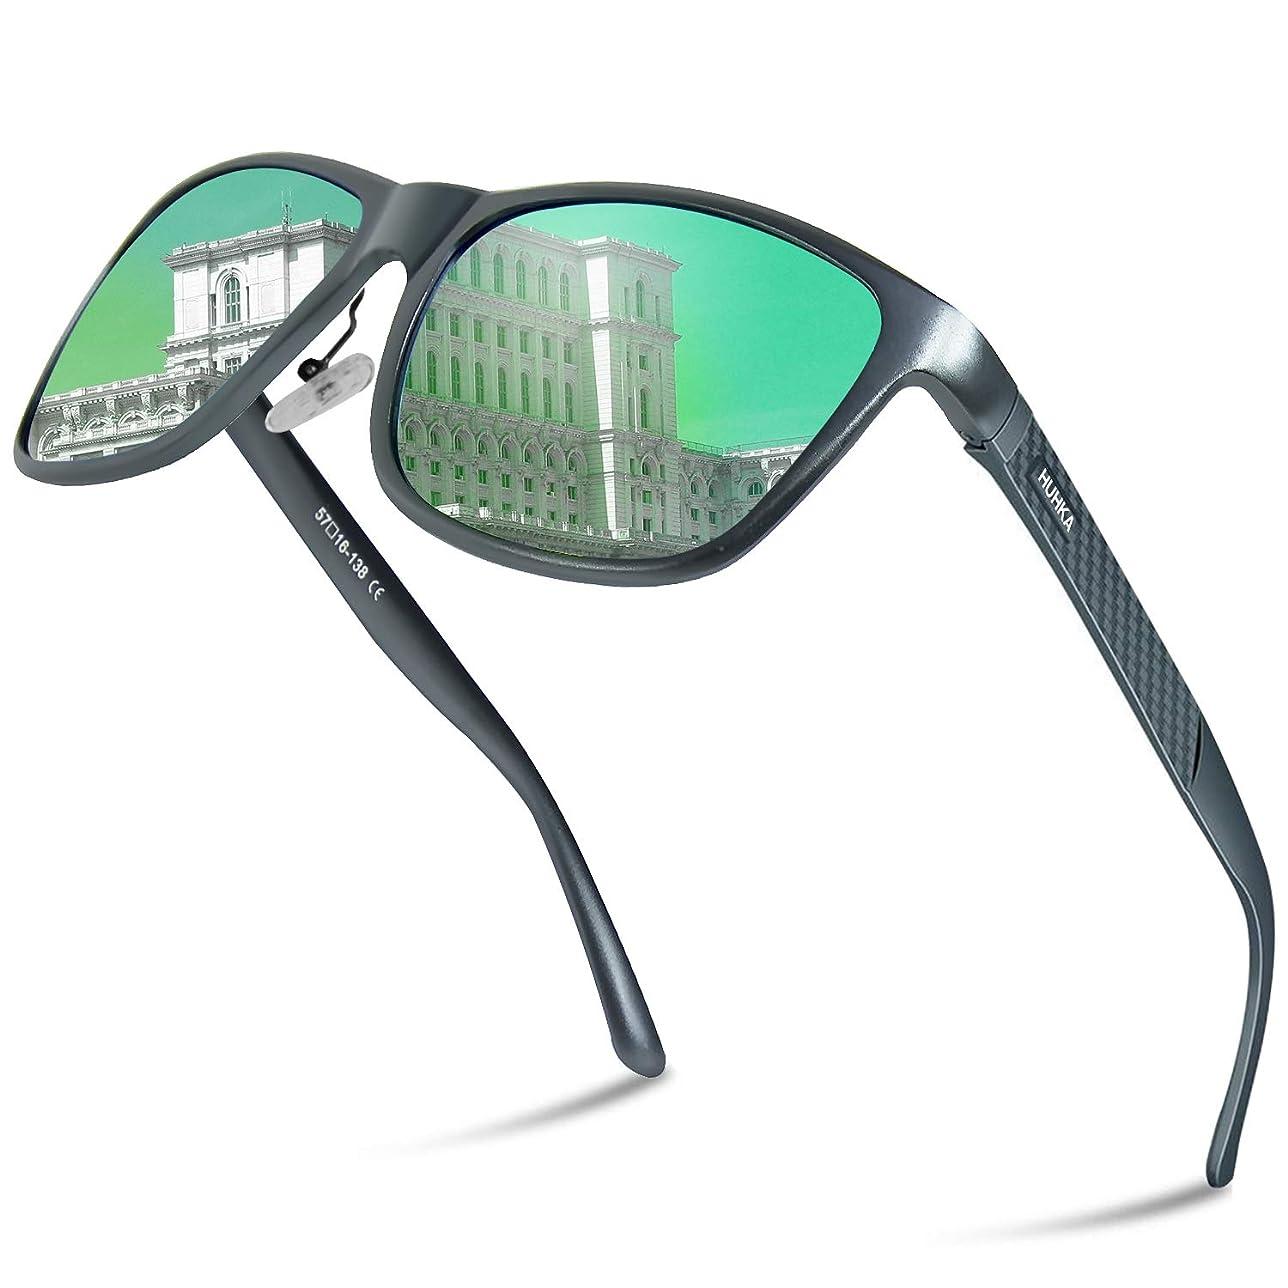 貸し手タンザニアバリー偏光サングラス 偏光レンズ[金属フレーム/超軽量/UV400紫外線/男女通用/耐衝撃/落下防止/専用ケース付属/お洒落]サングラス 反射光、眩しい光などがカットでき、釣り ドライブアウトドア 登山 自転車 ゴルフ 運転 スポーツサングラス